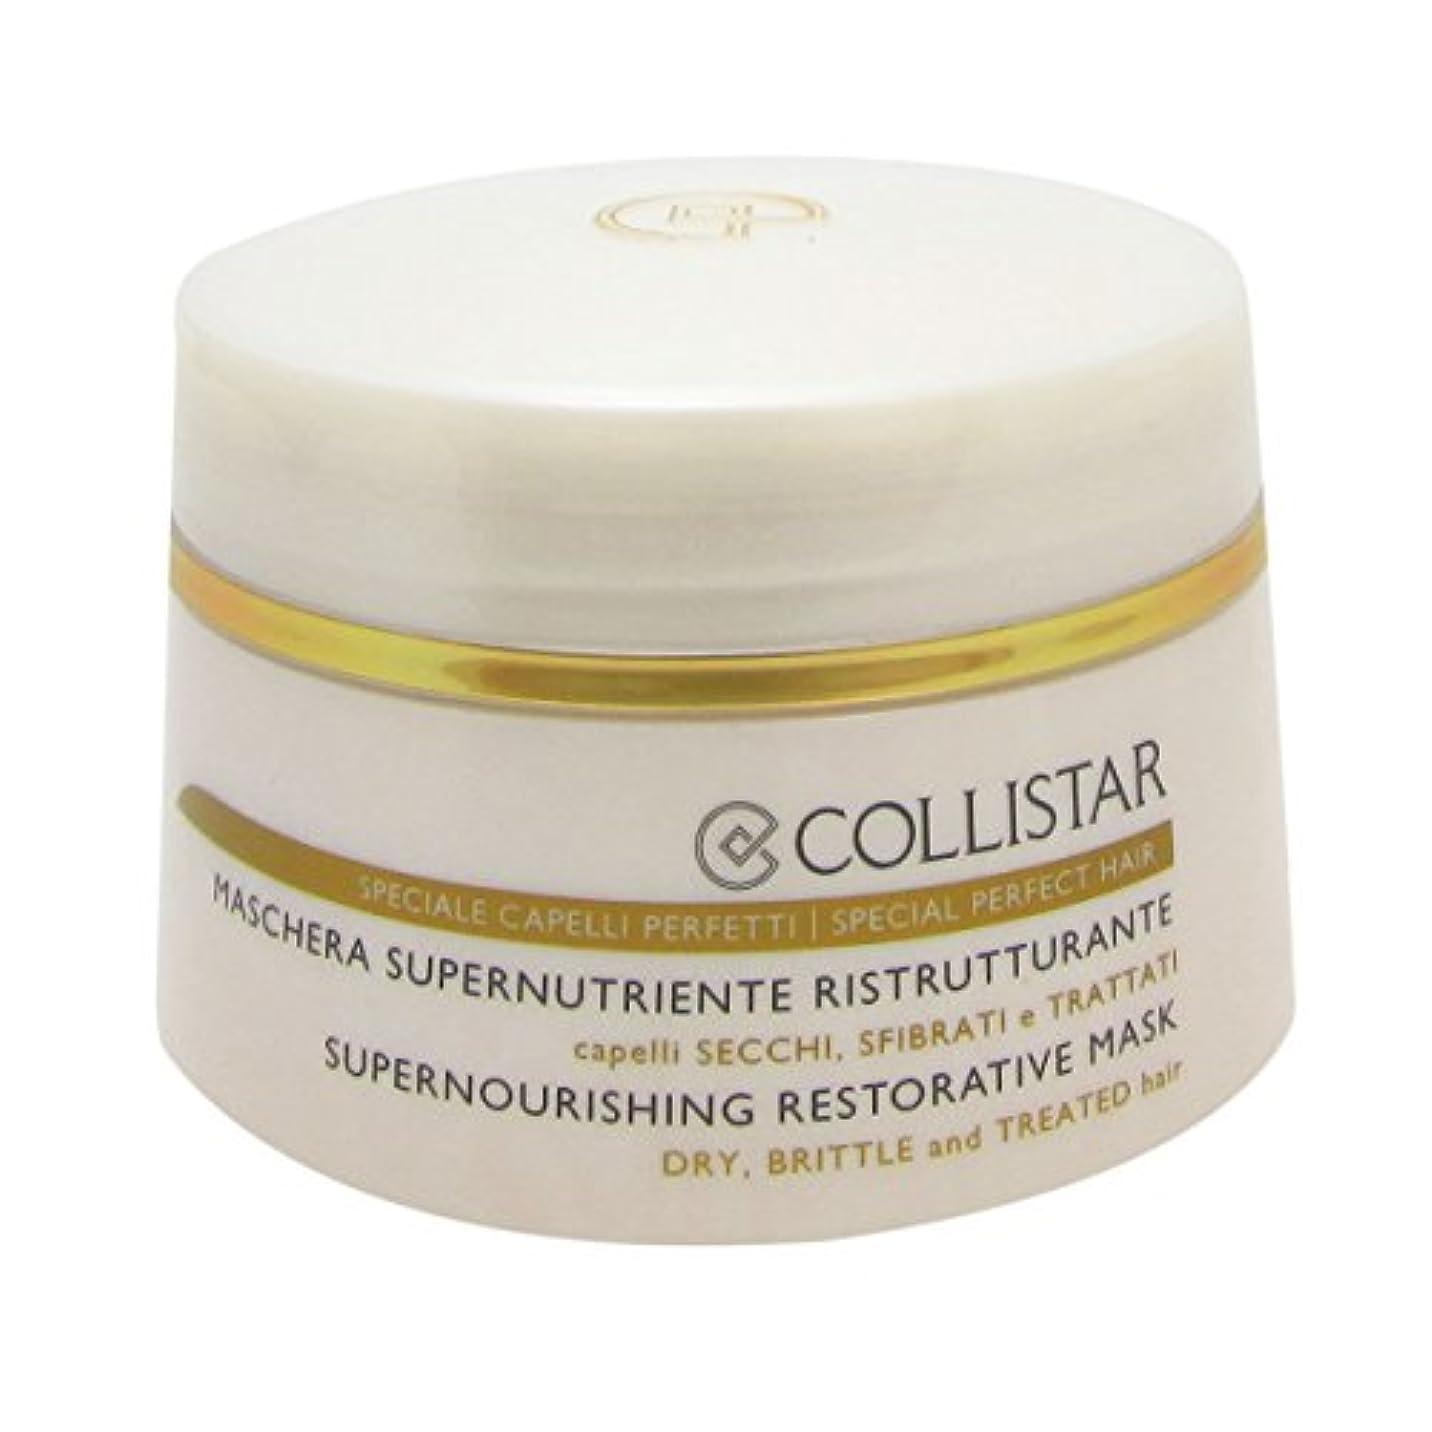 疼痛家禽まつげCollistar Supernourishing Restorative Mask 200ml [並行輸入品]